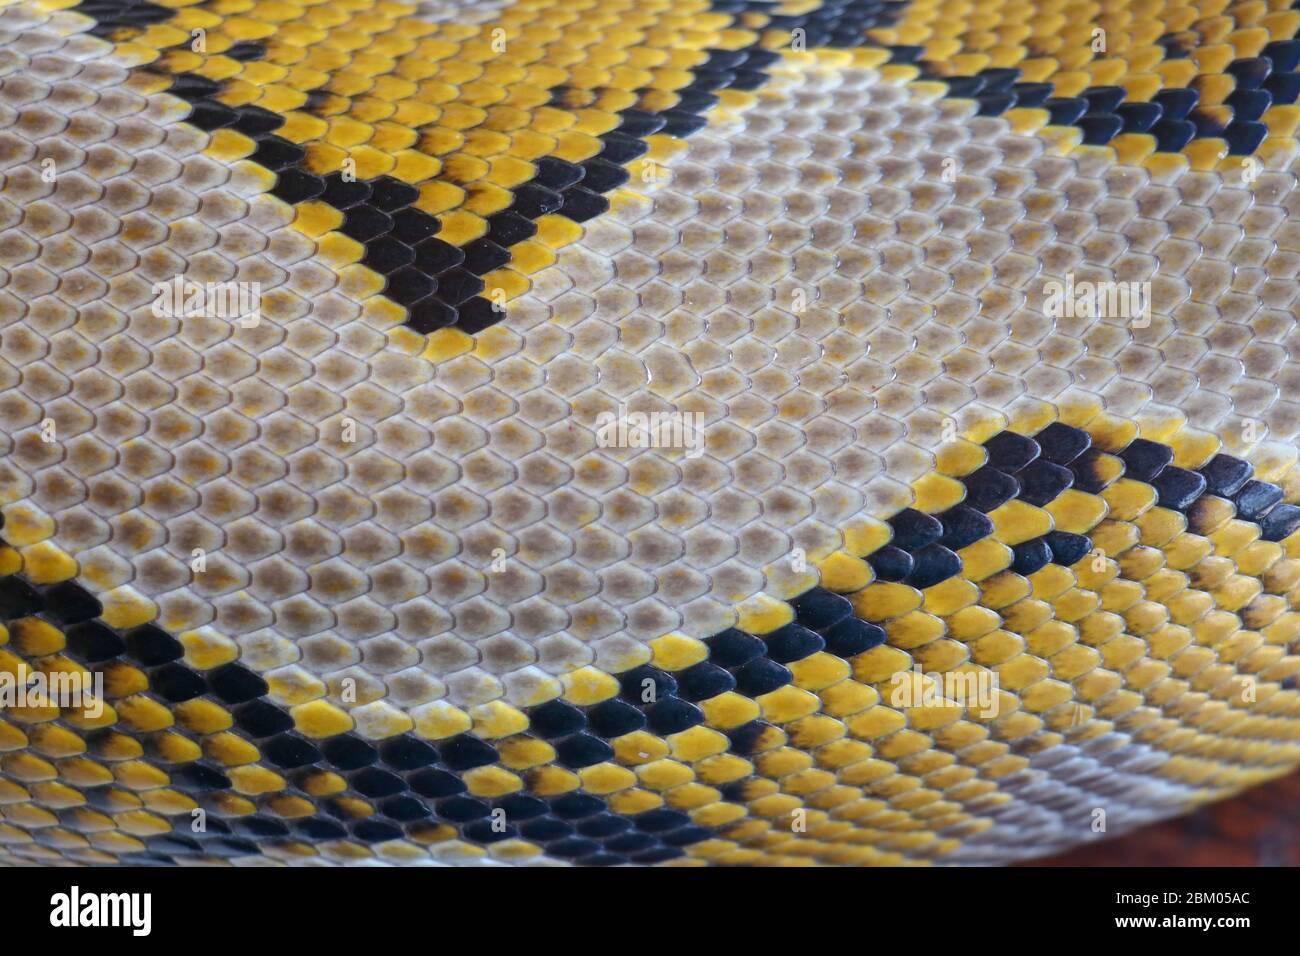 Primer plano de la textura de la piel de la serpiente uso para el fondo. La pitón reticulada es una serpiente no venenosa nativa del sur y sudeste de Asia. Macro foto python sna Foto de stock